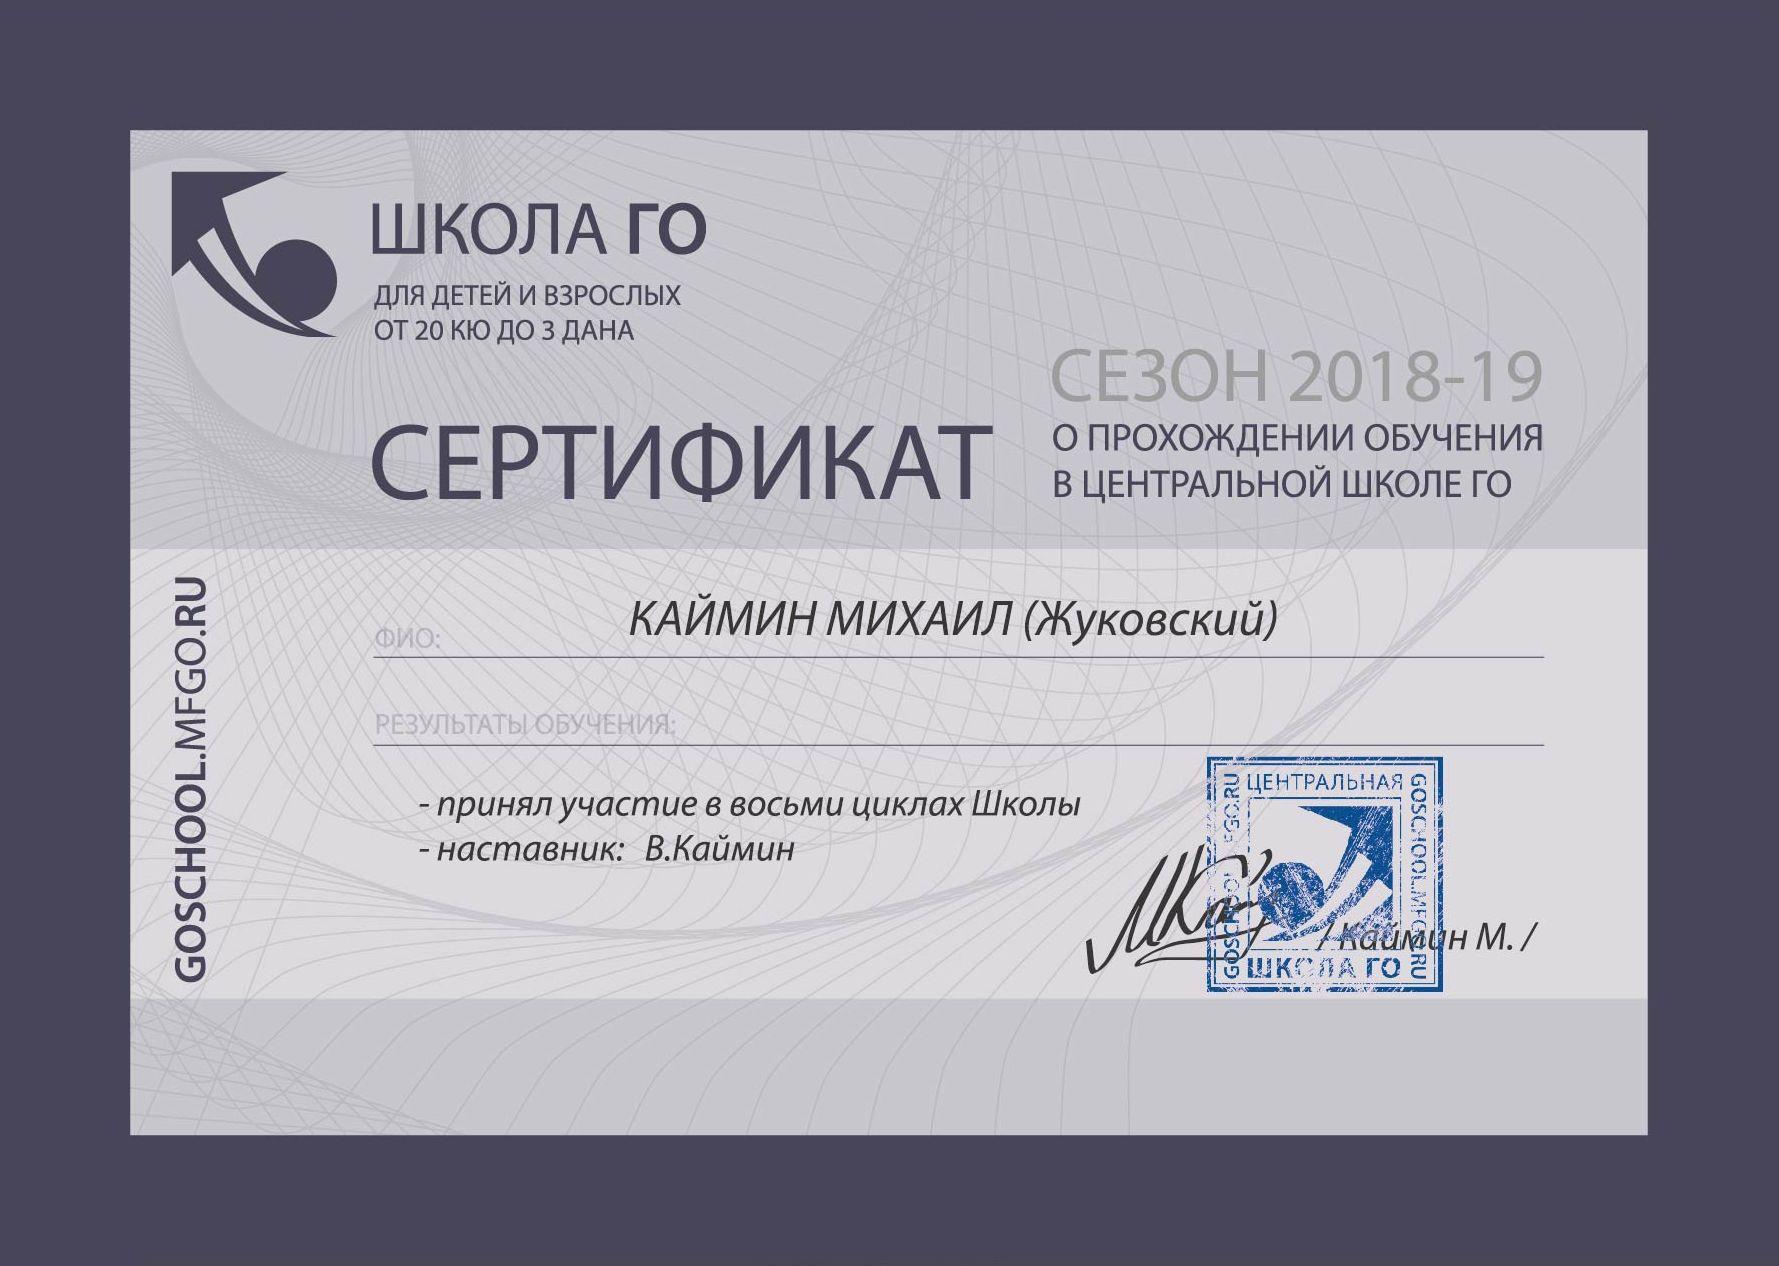 Сертификаты по итогам учебного года